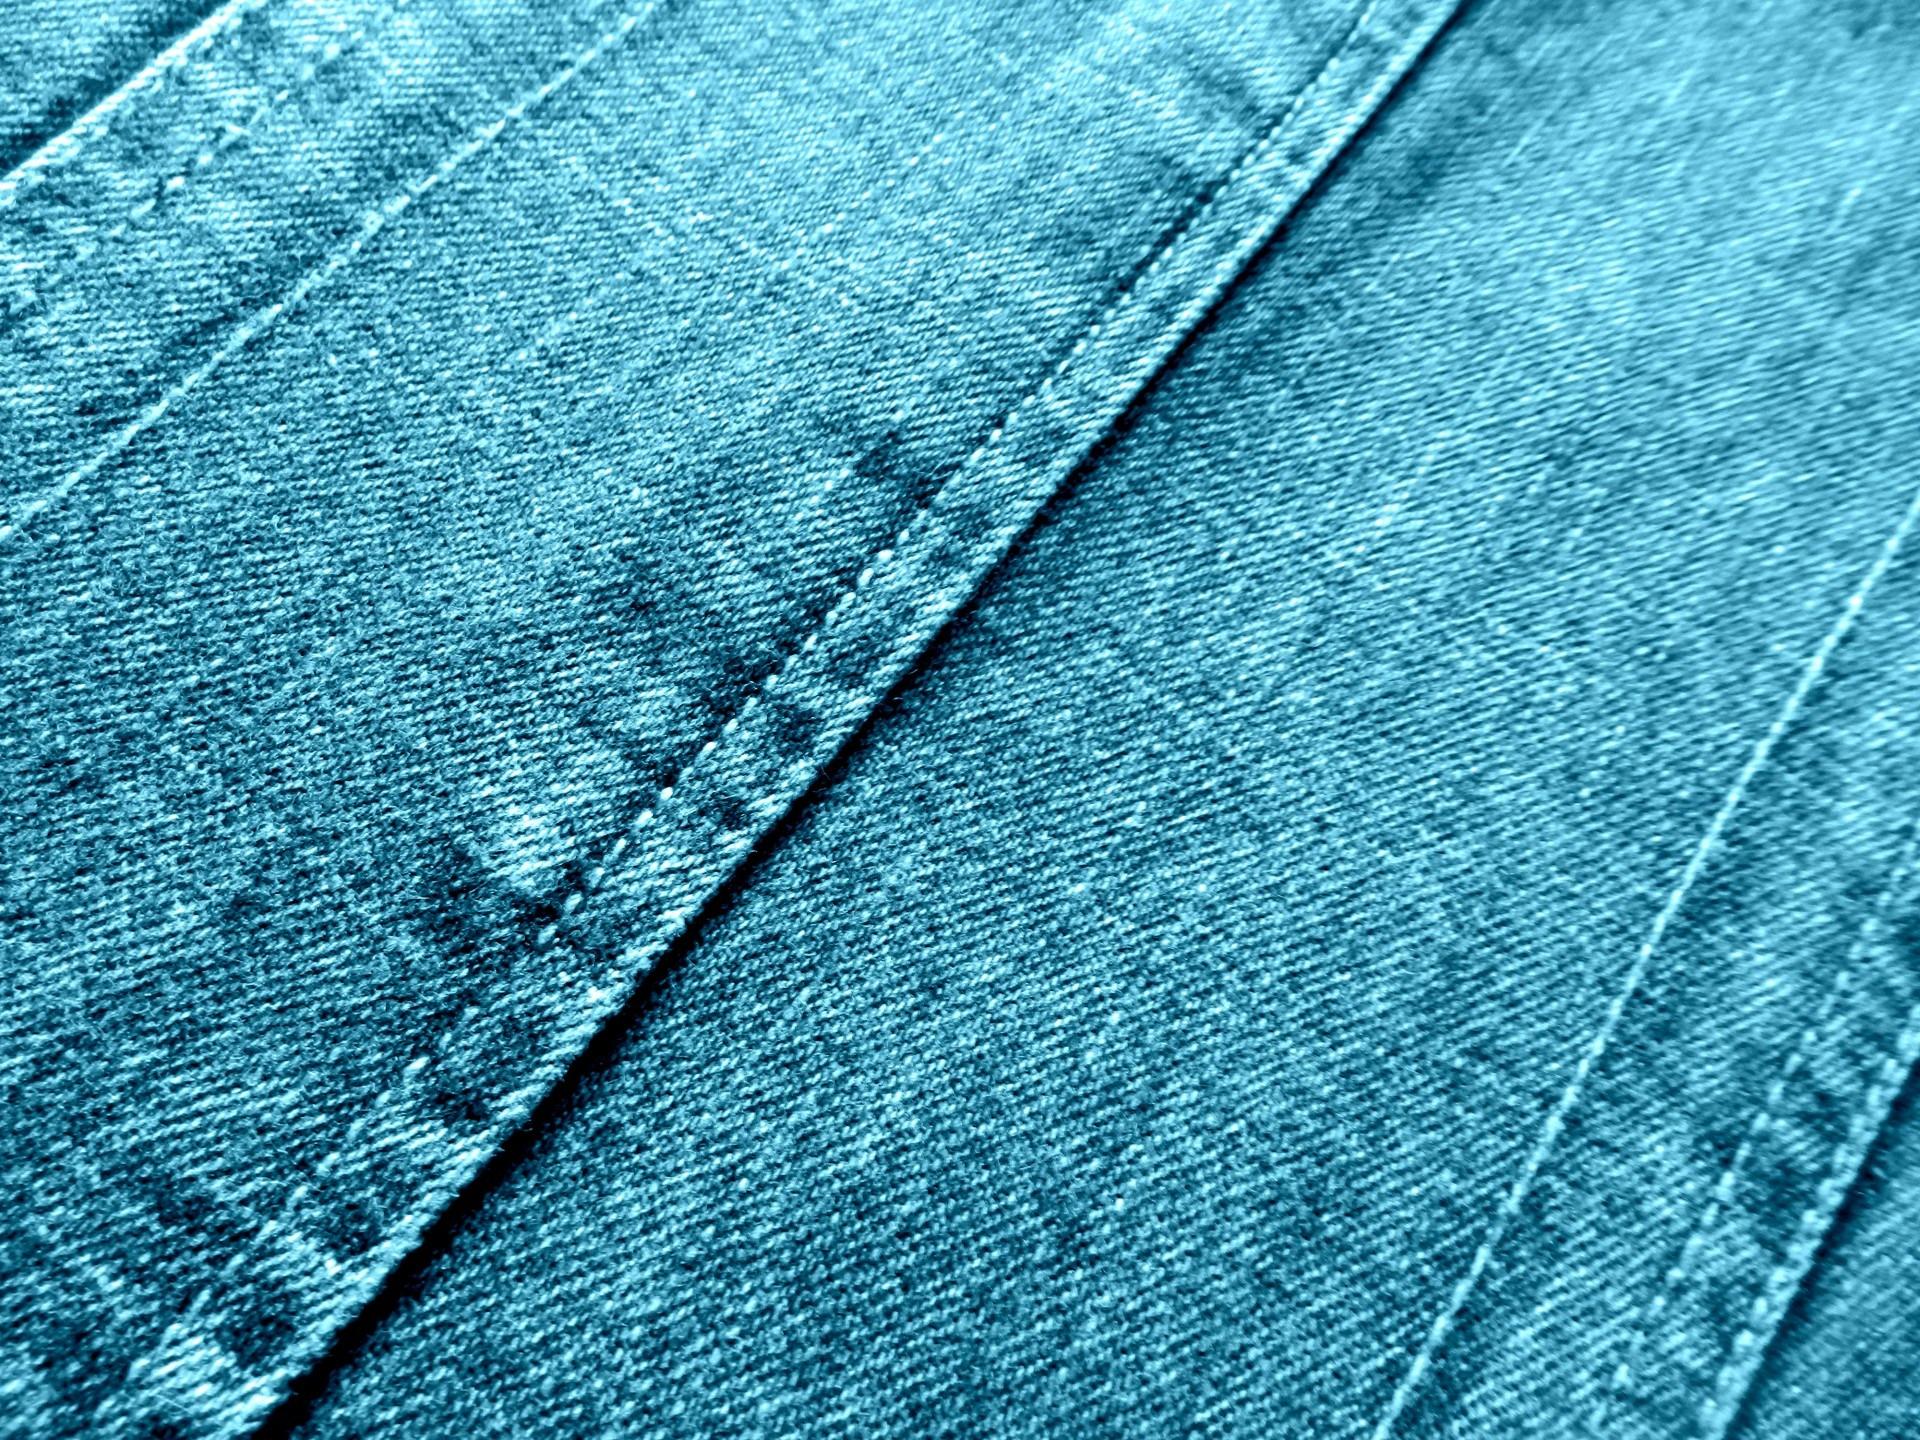 Картинки с материалам для джинсов